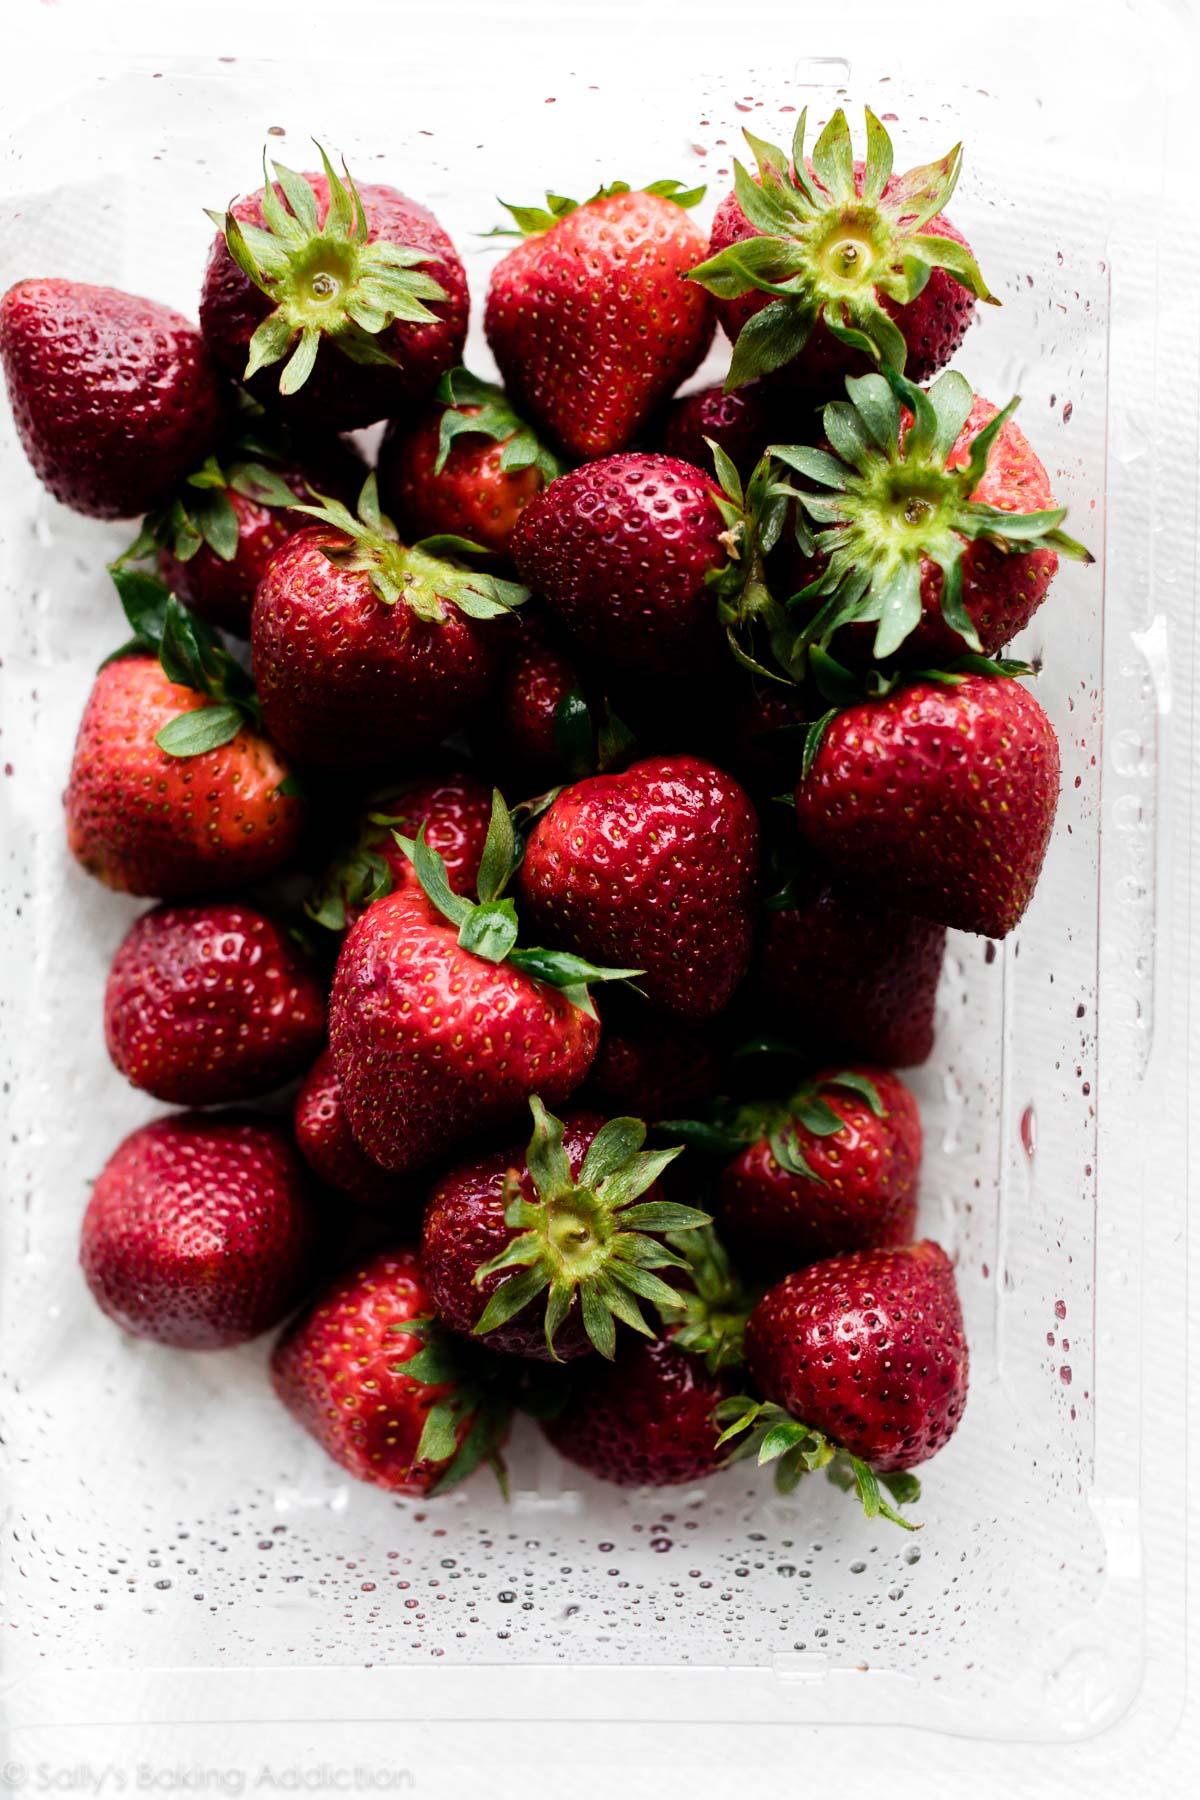 fraises fraîches lavées